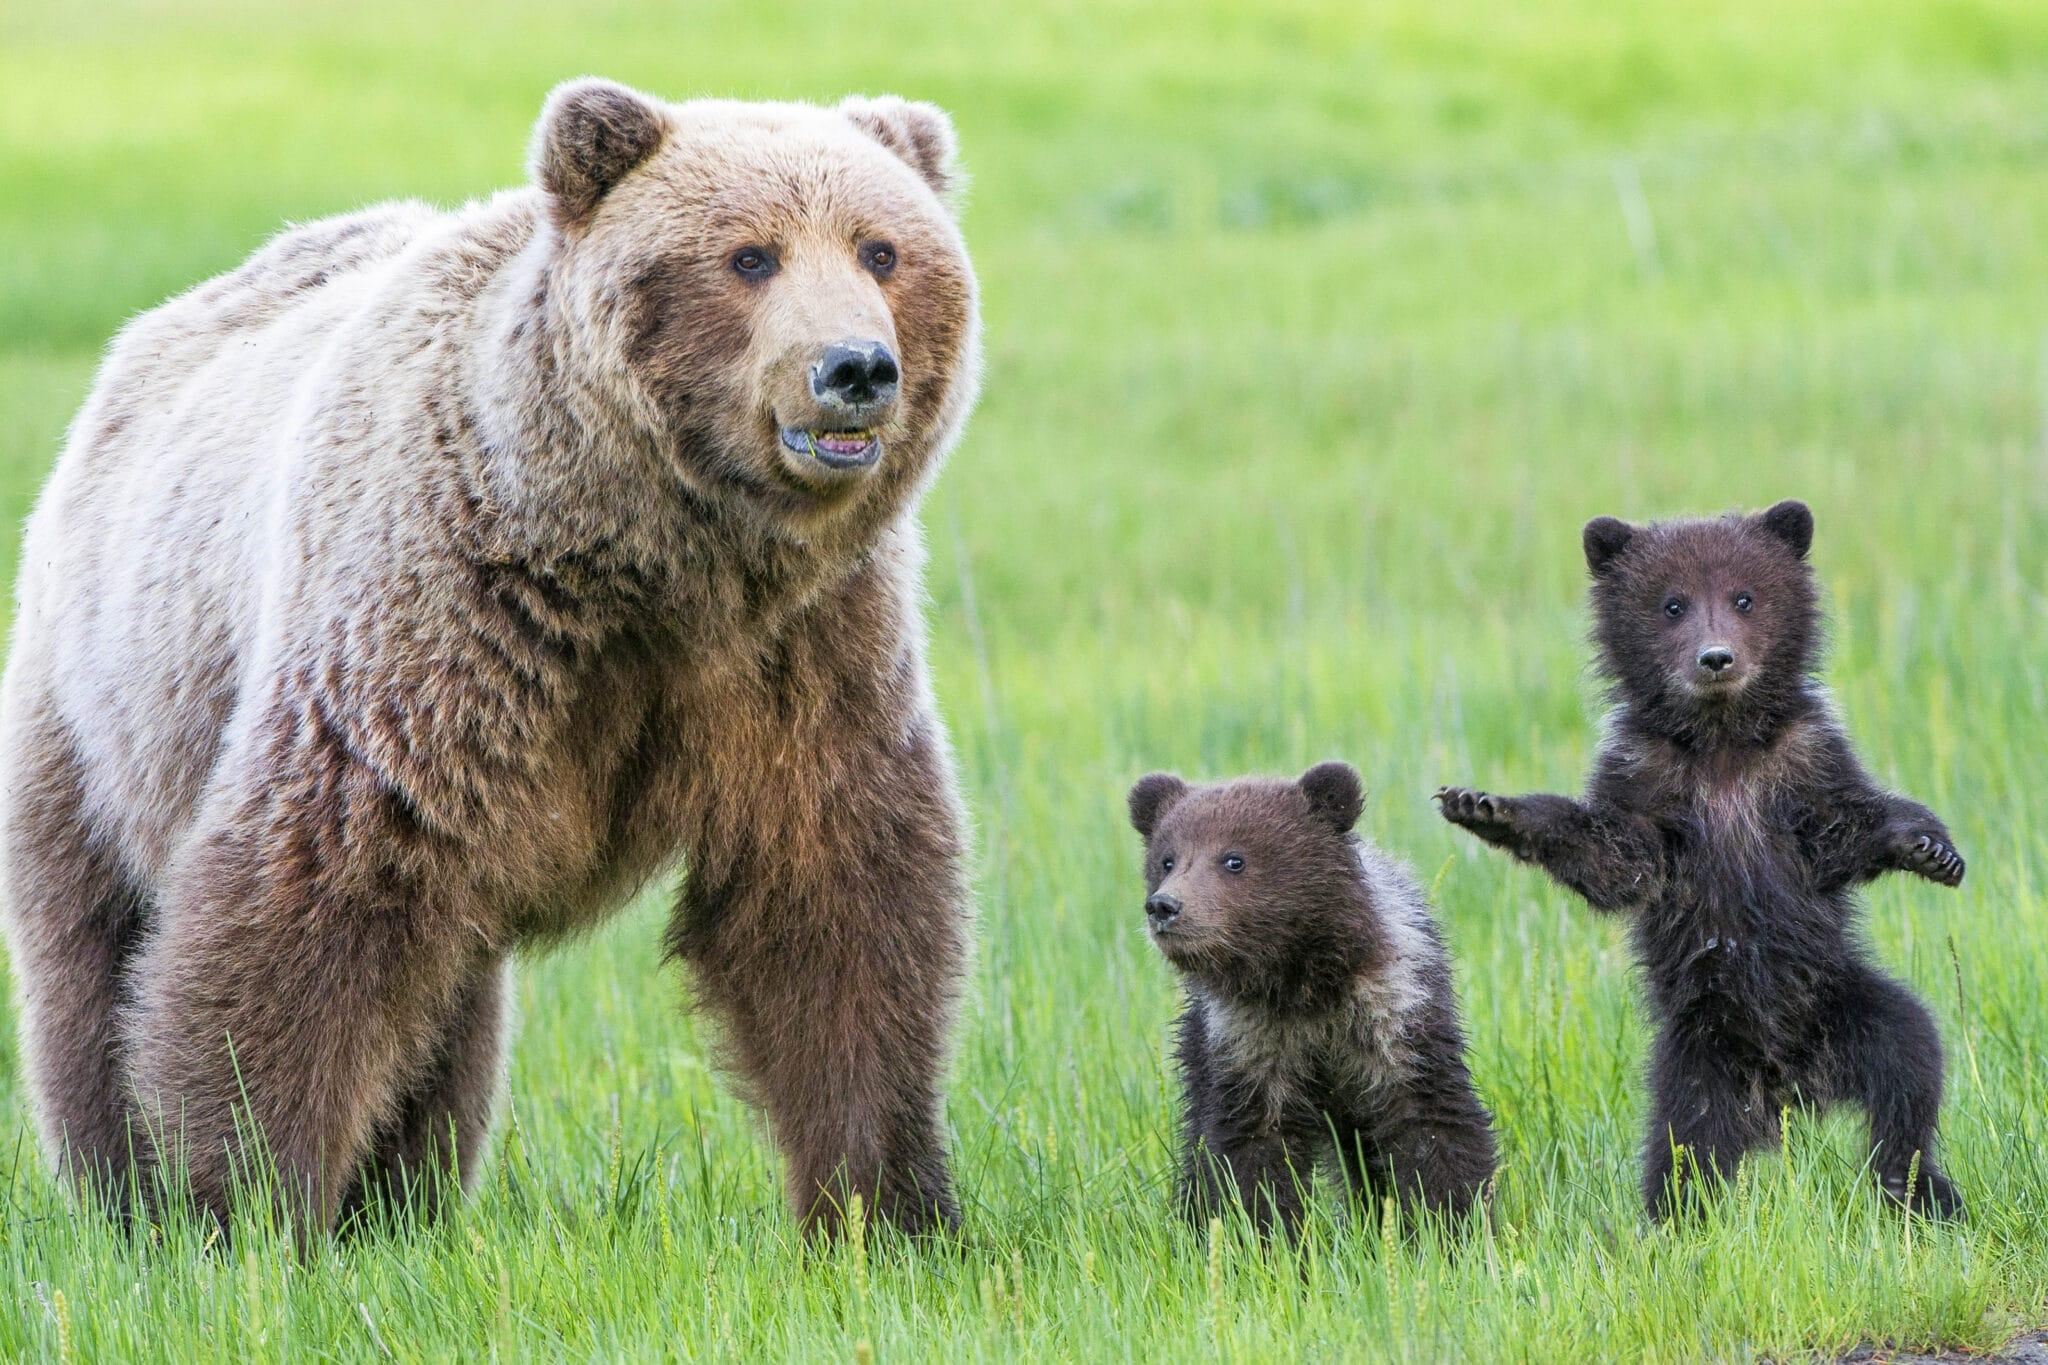 L'orsa JJ4 è più intelligente di chi la vuole morta <br> Rinuncia al miele pur di non finire in trappola <br> Intervenga Salvini